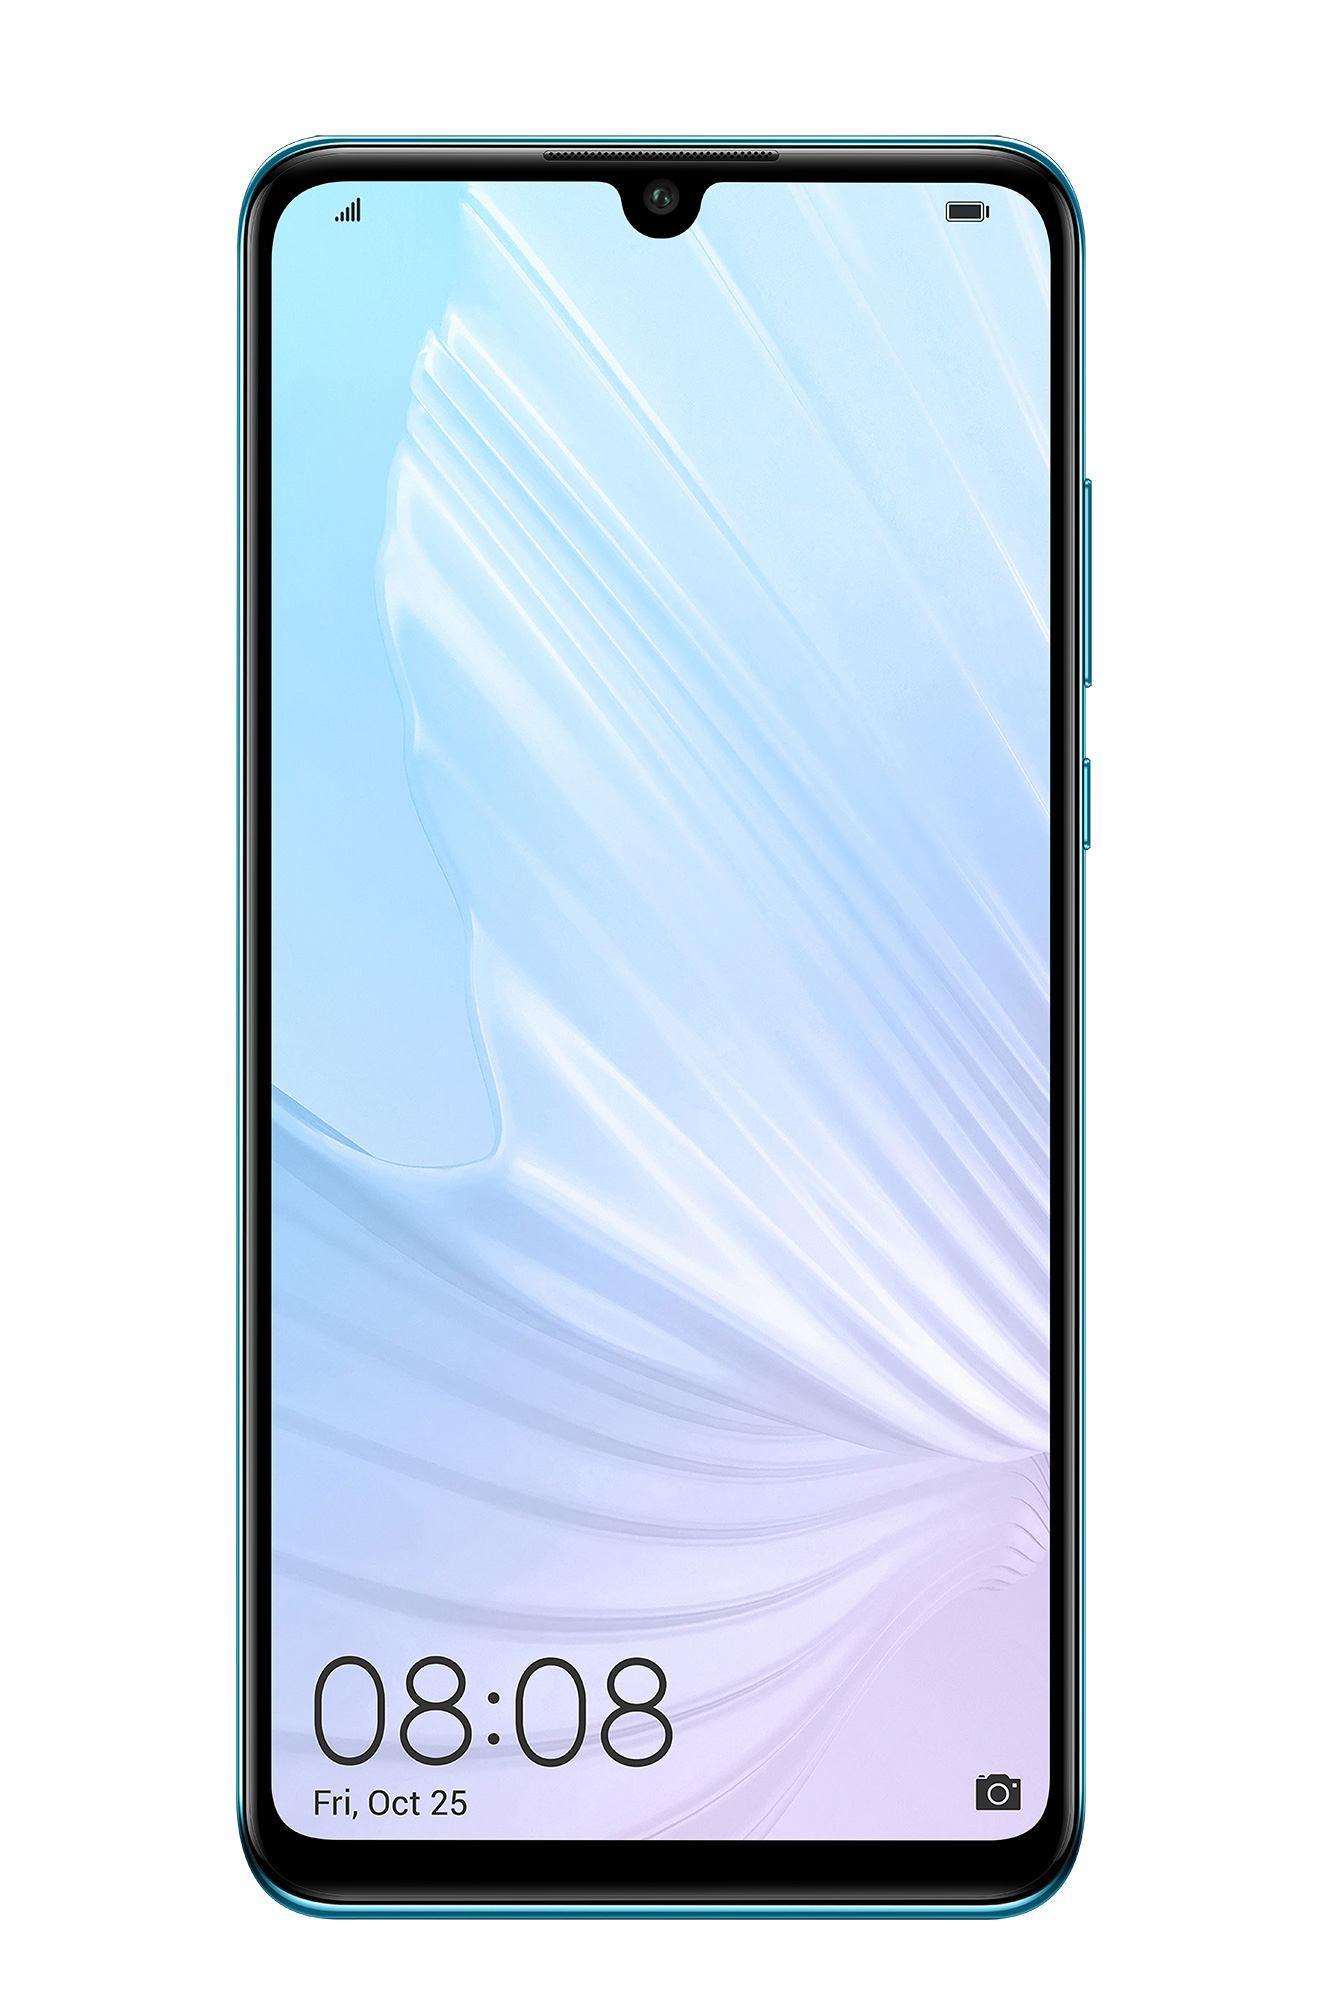 2022026-Huawei-P30-Lite-15-6-cm-6-15-4-GB-128-GB-Dual-SIM-ibrida-Blu-3340-mAh